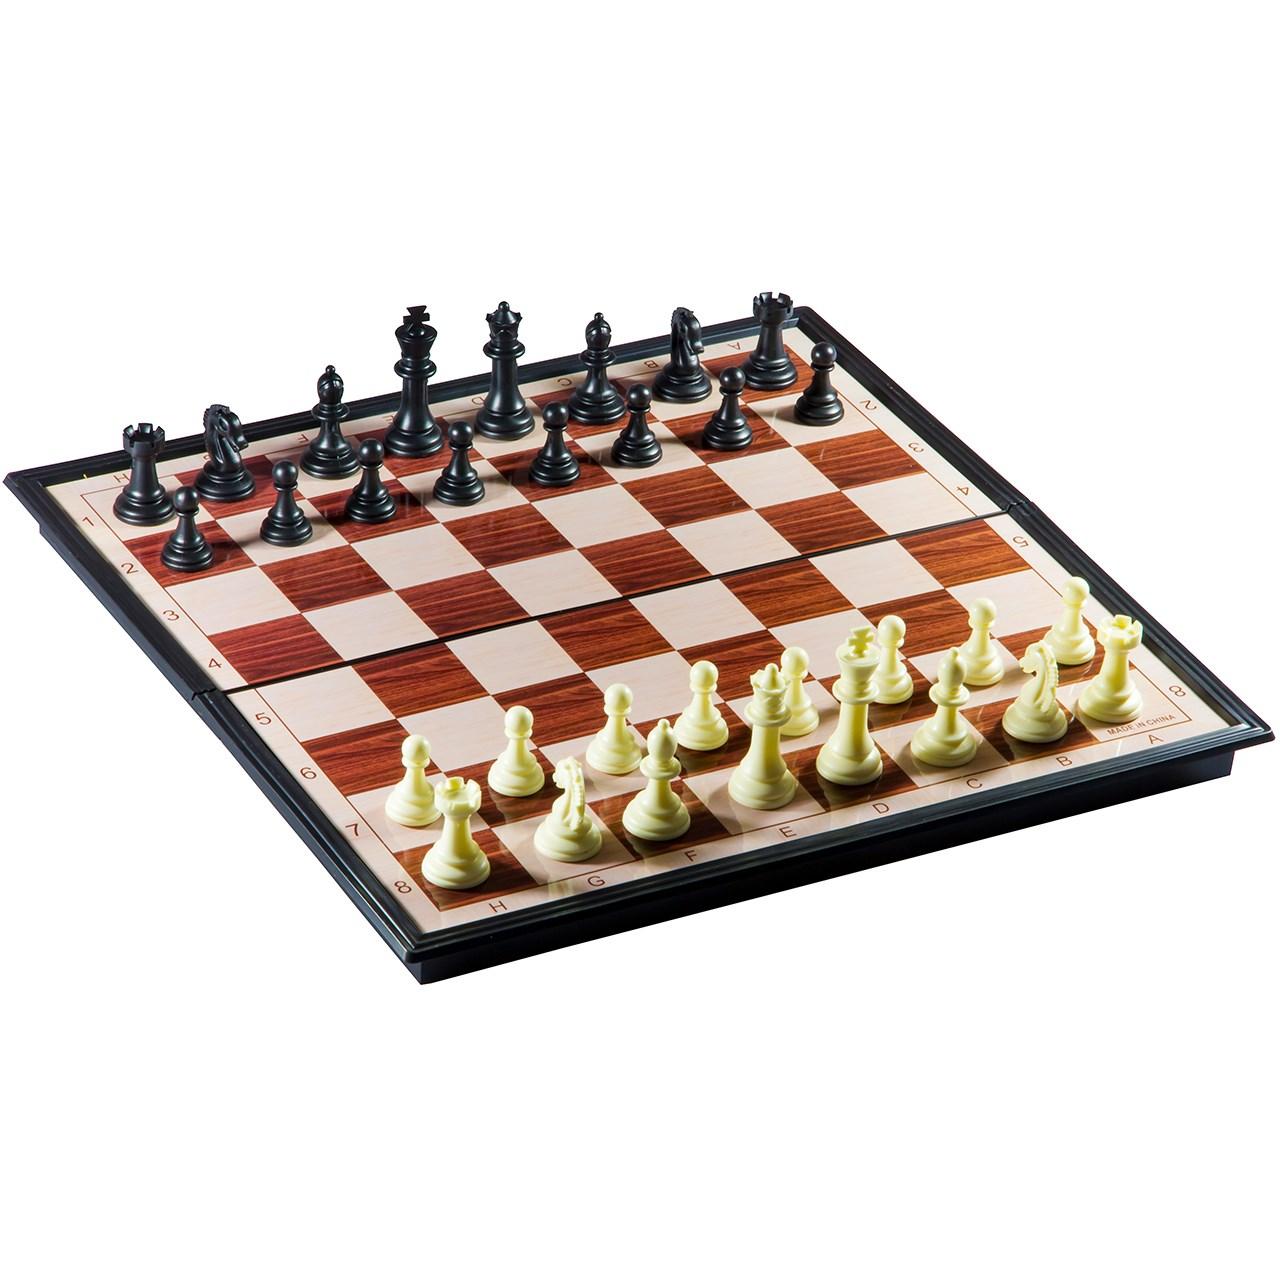 شطرنج آهنربایی آئو چینگ برینز چس مدل No.8608